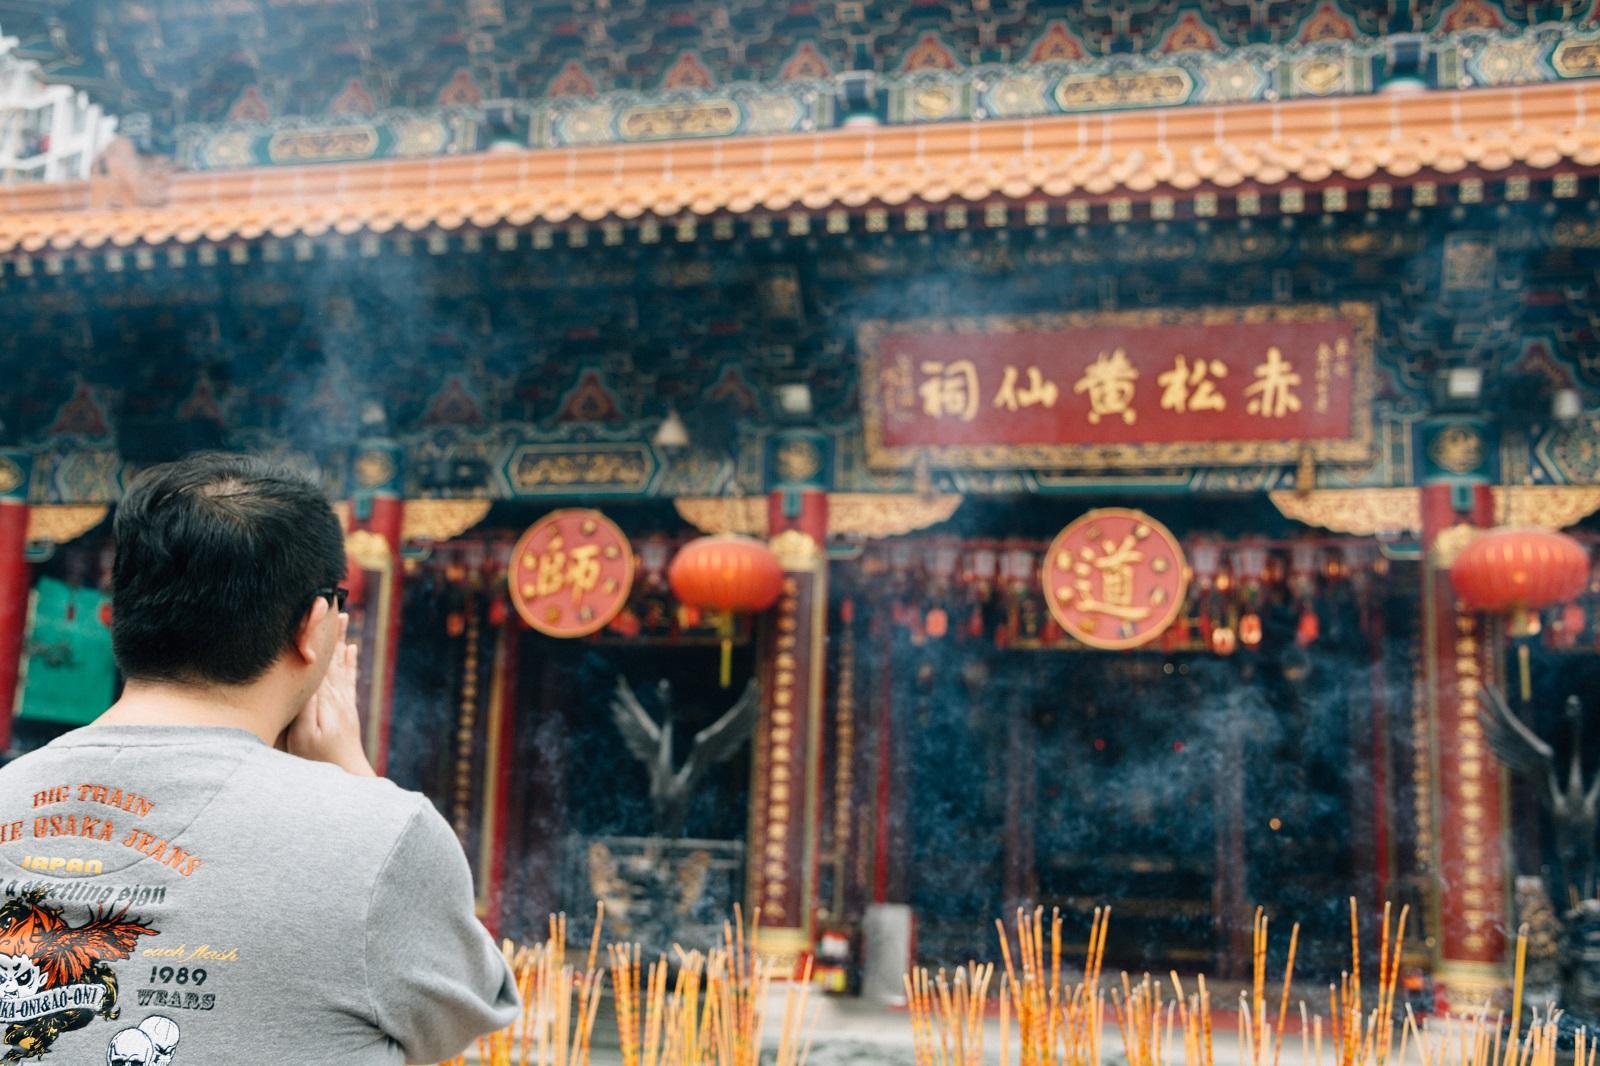 Hongkong co zobaczyć? Wong Tai Sin